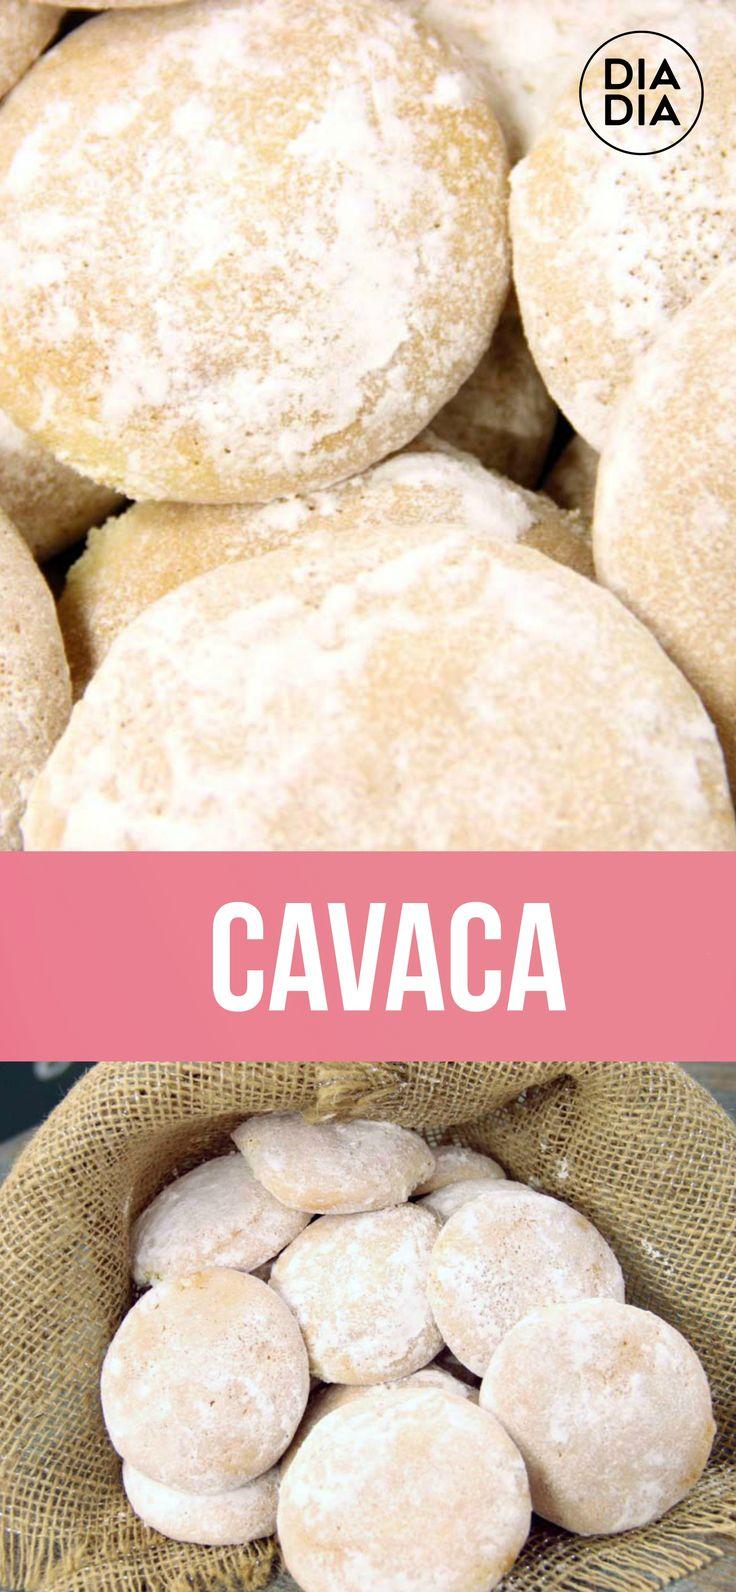 Cavaca